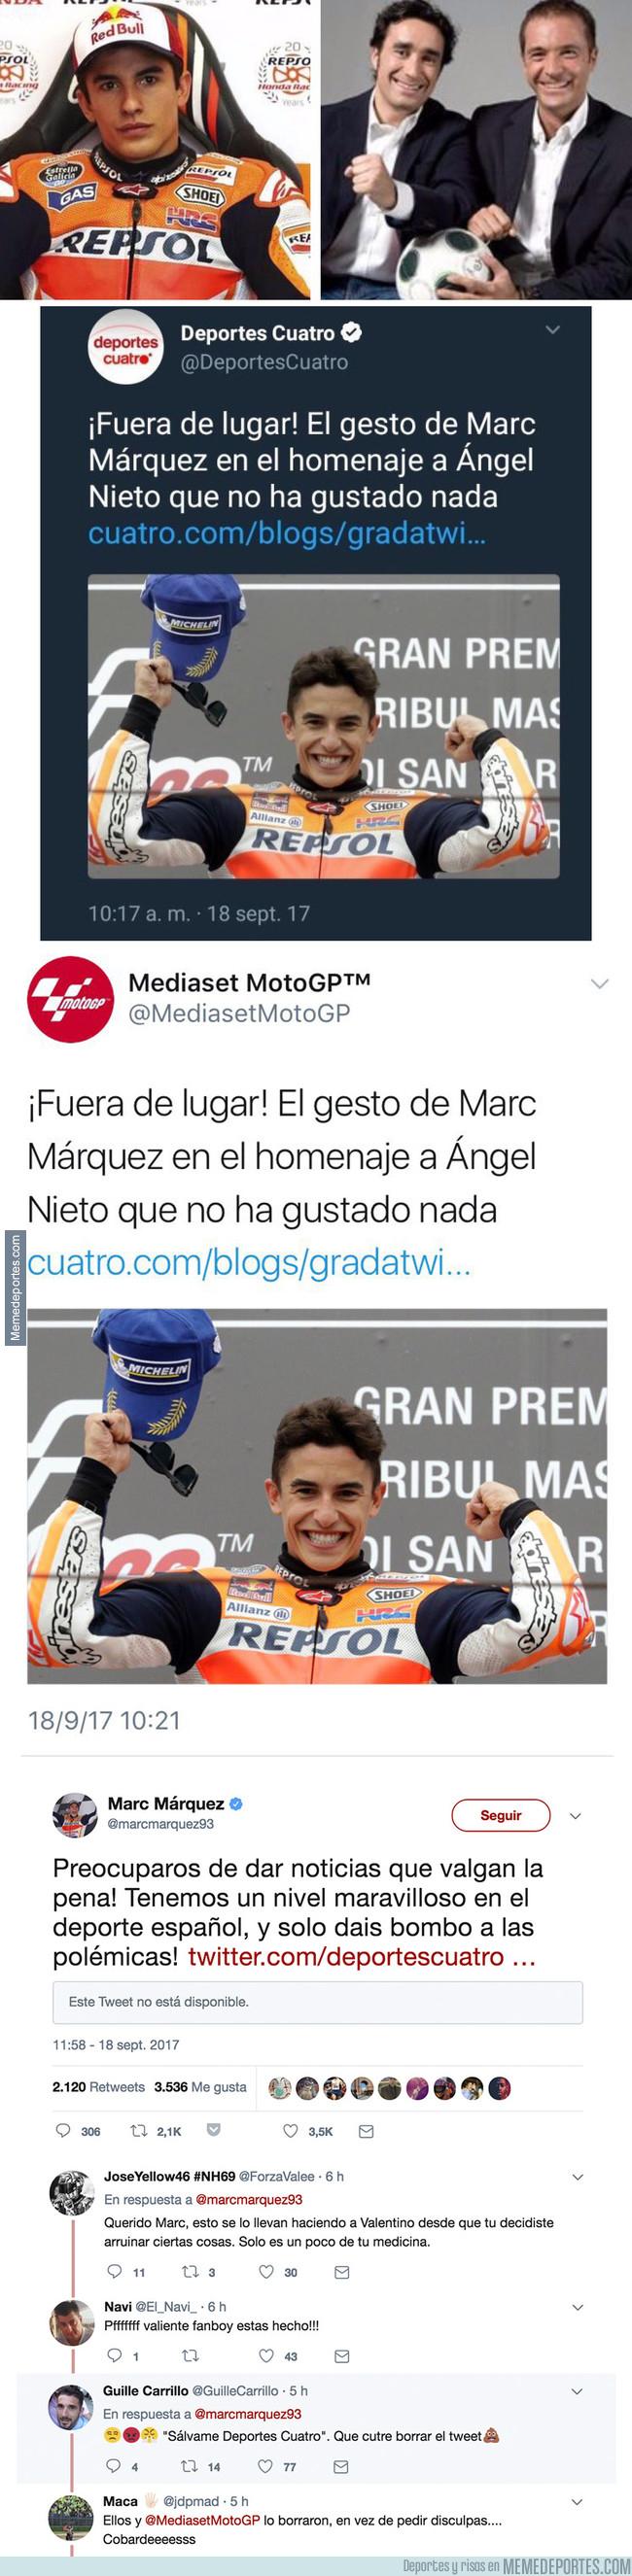 999786 - Marc Márquez le pega un hachazo a Deportes Cuatro tras intentar crear polémica